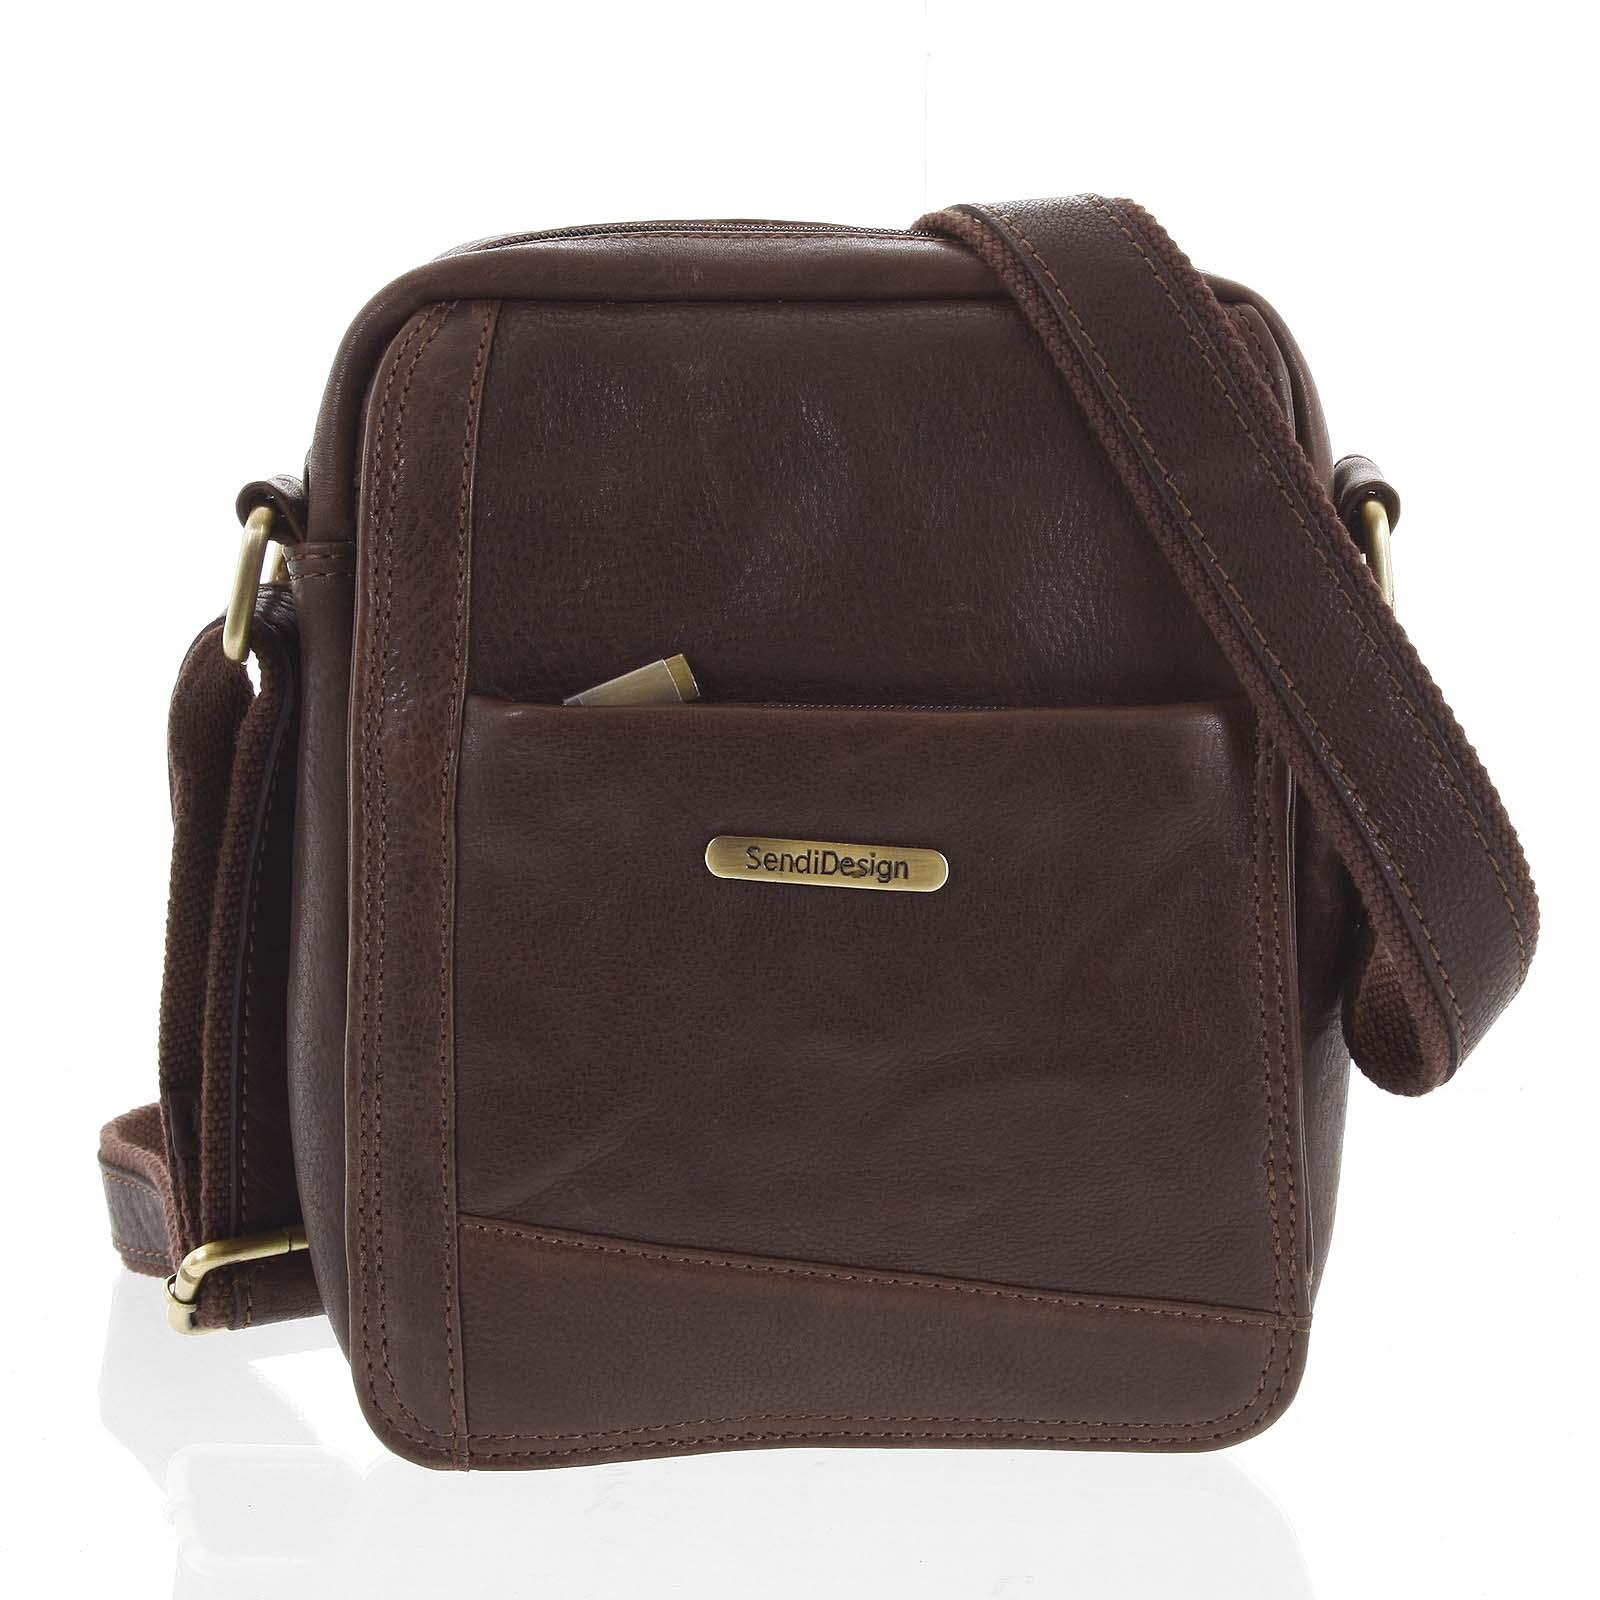 Pánska kožená taška na doklady hnedá - SendiDesign Eser